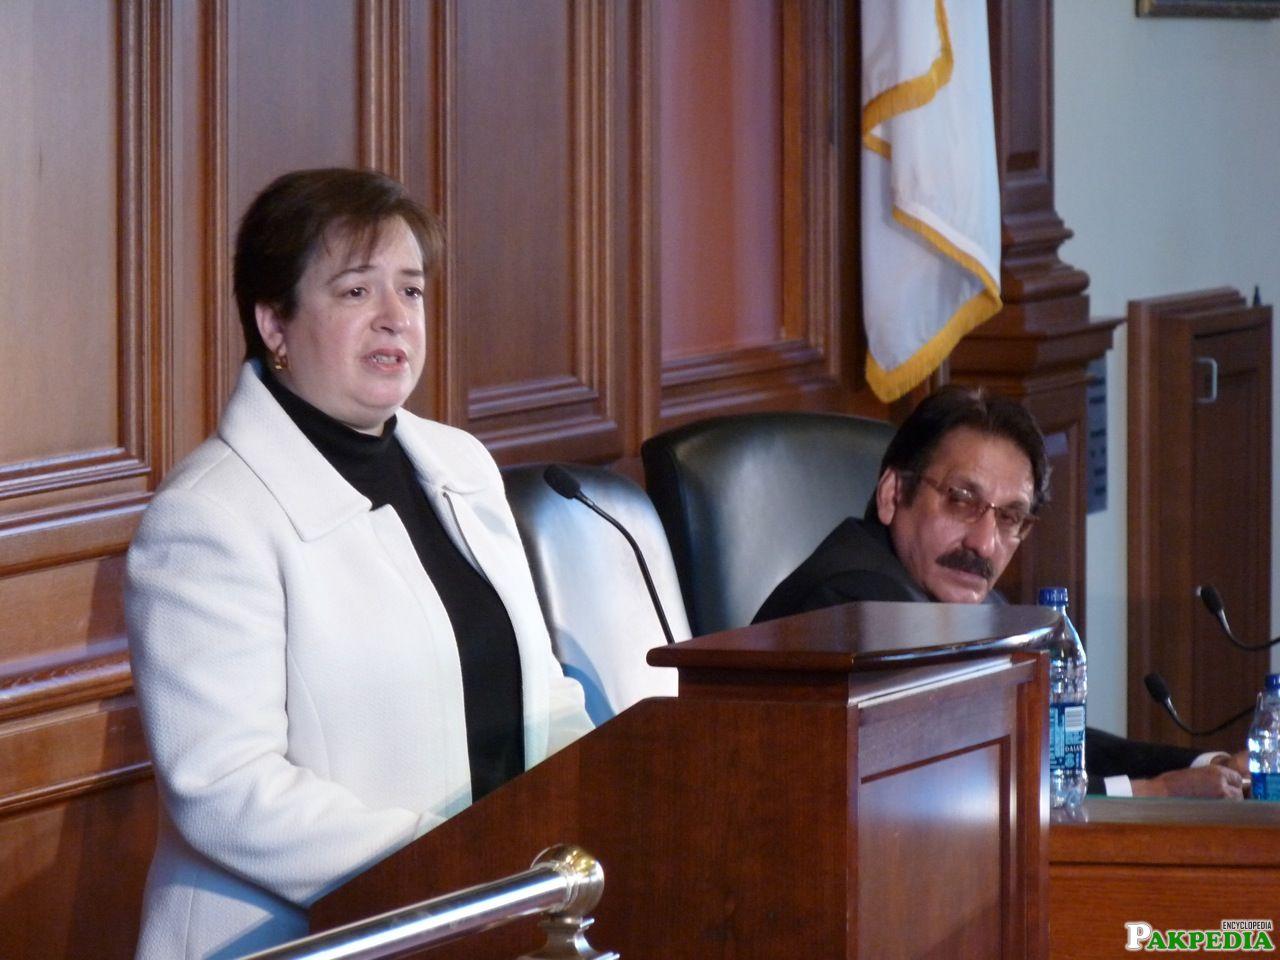 Elena Kagan giving award to Iftikhar Muhammad Chaudhry